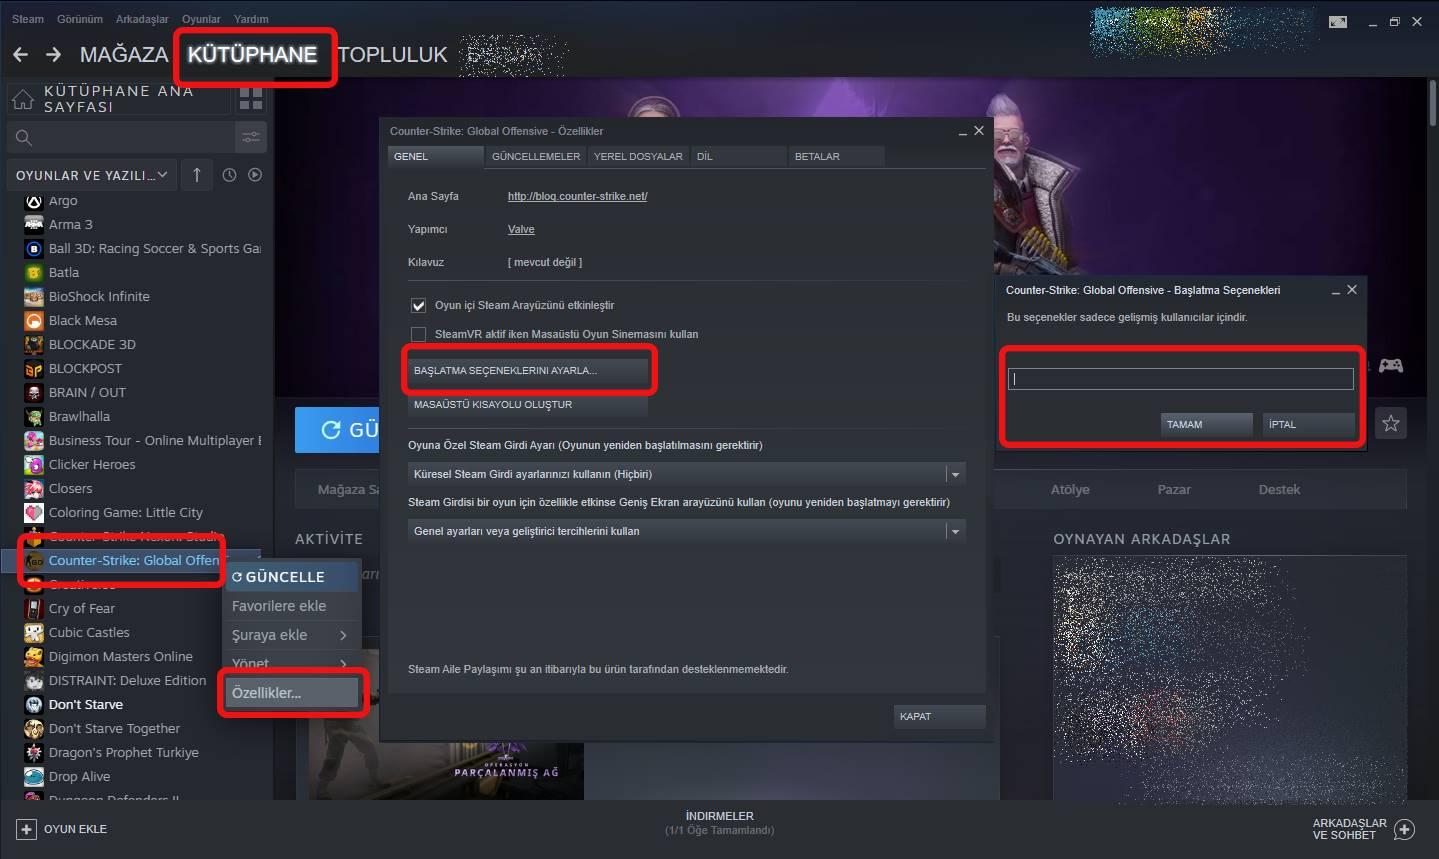 CS:GO başlatma seçeneklerini açma